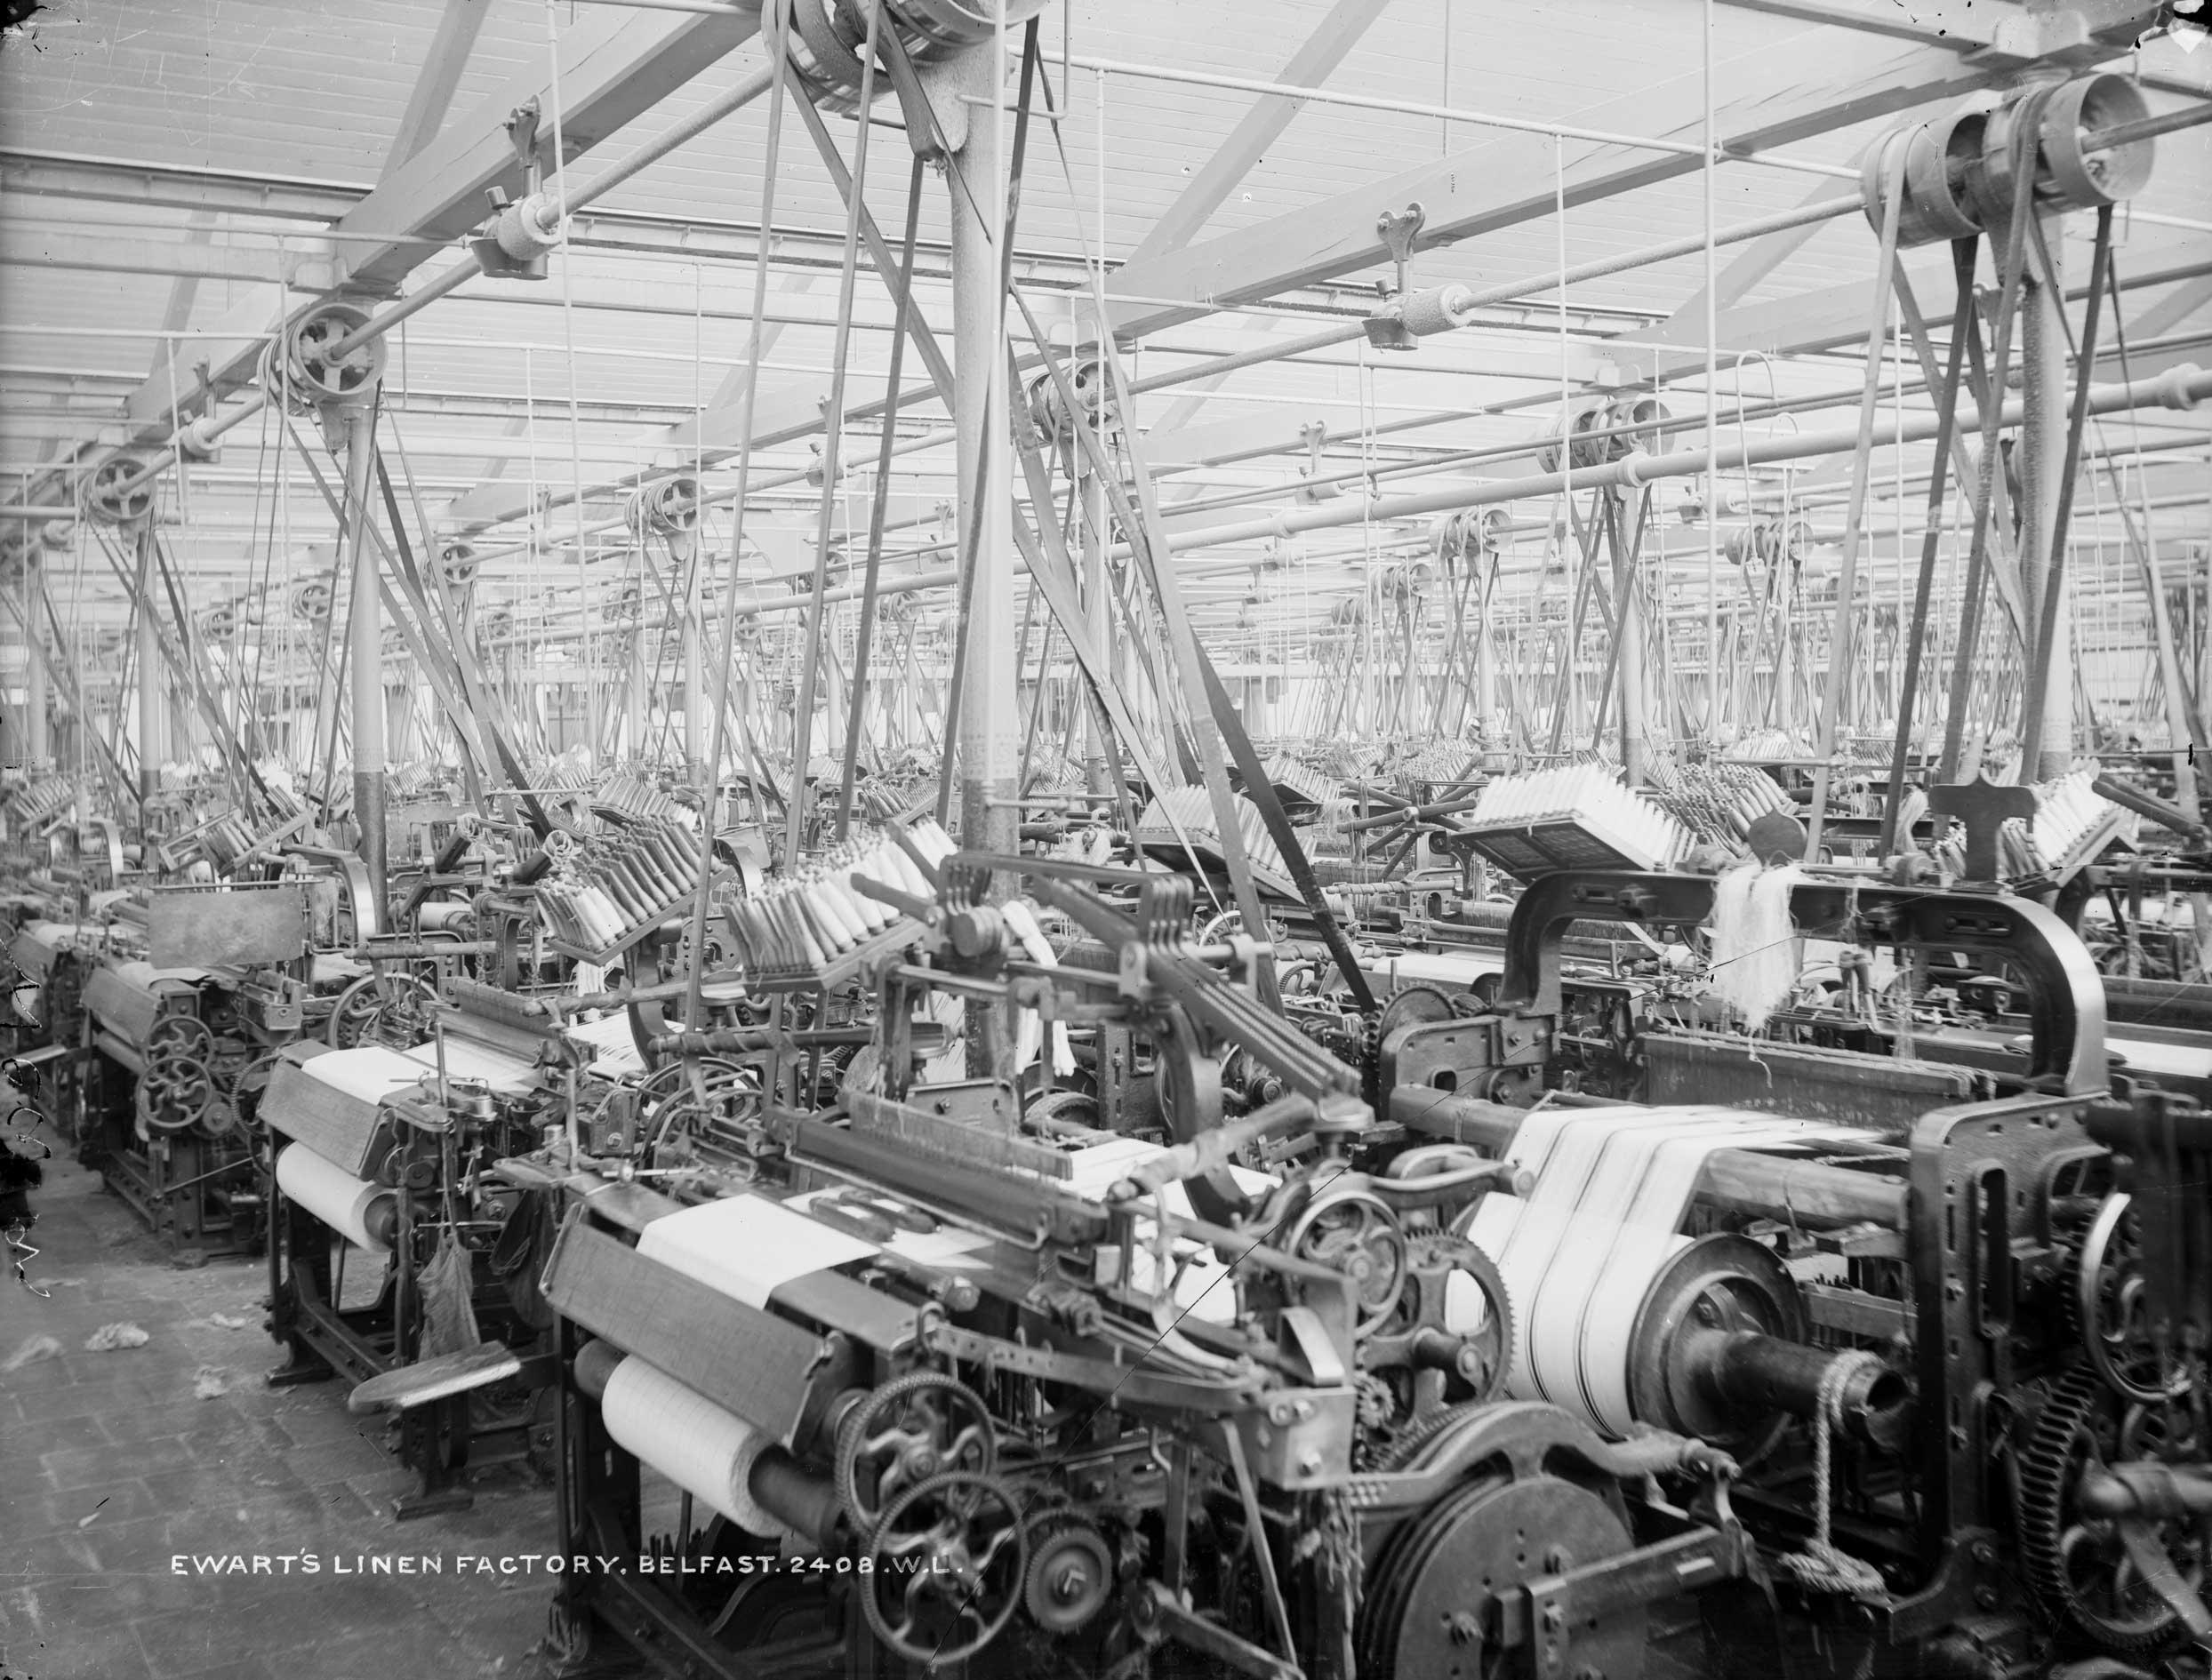 Ewart's Linen Factory, Belfast, 1897. Adventures in Belfast